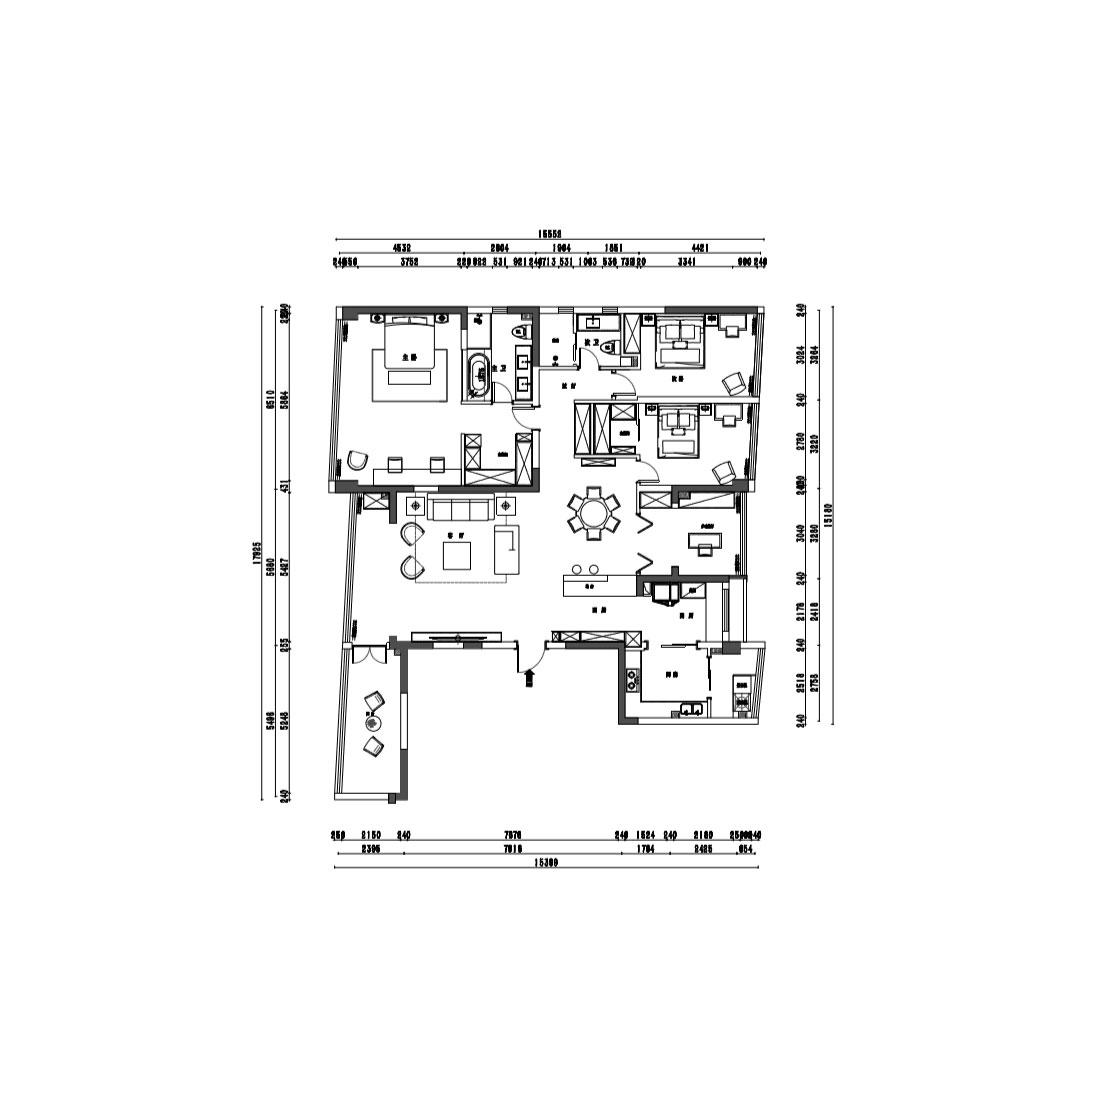 216㎡四居室现代轻奢风格装修效果图丨中环丰锦装修案例装修设计理念